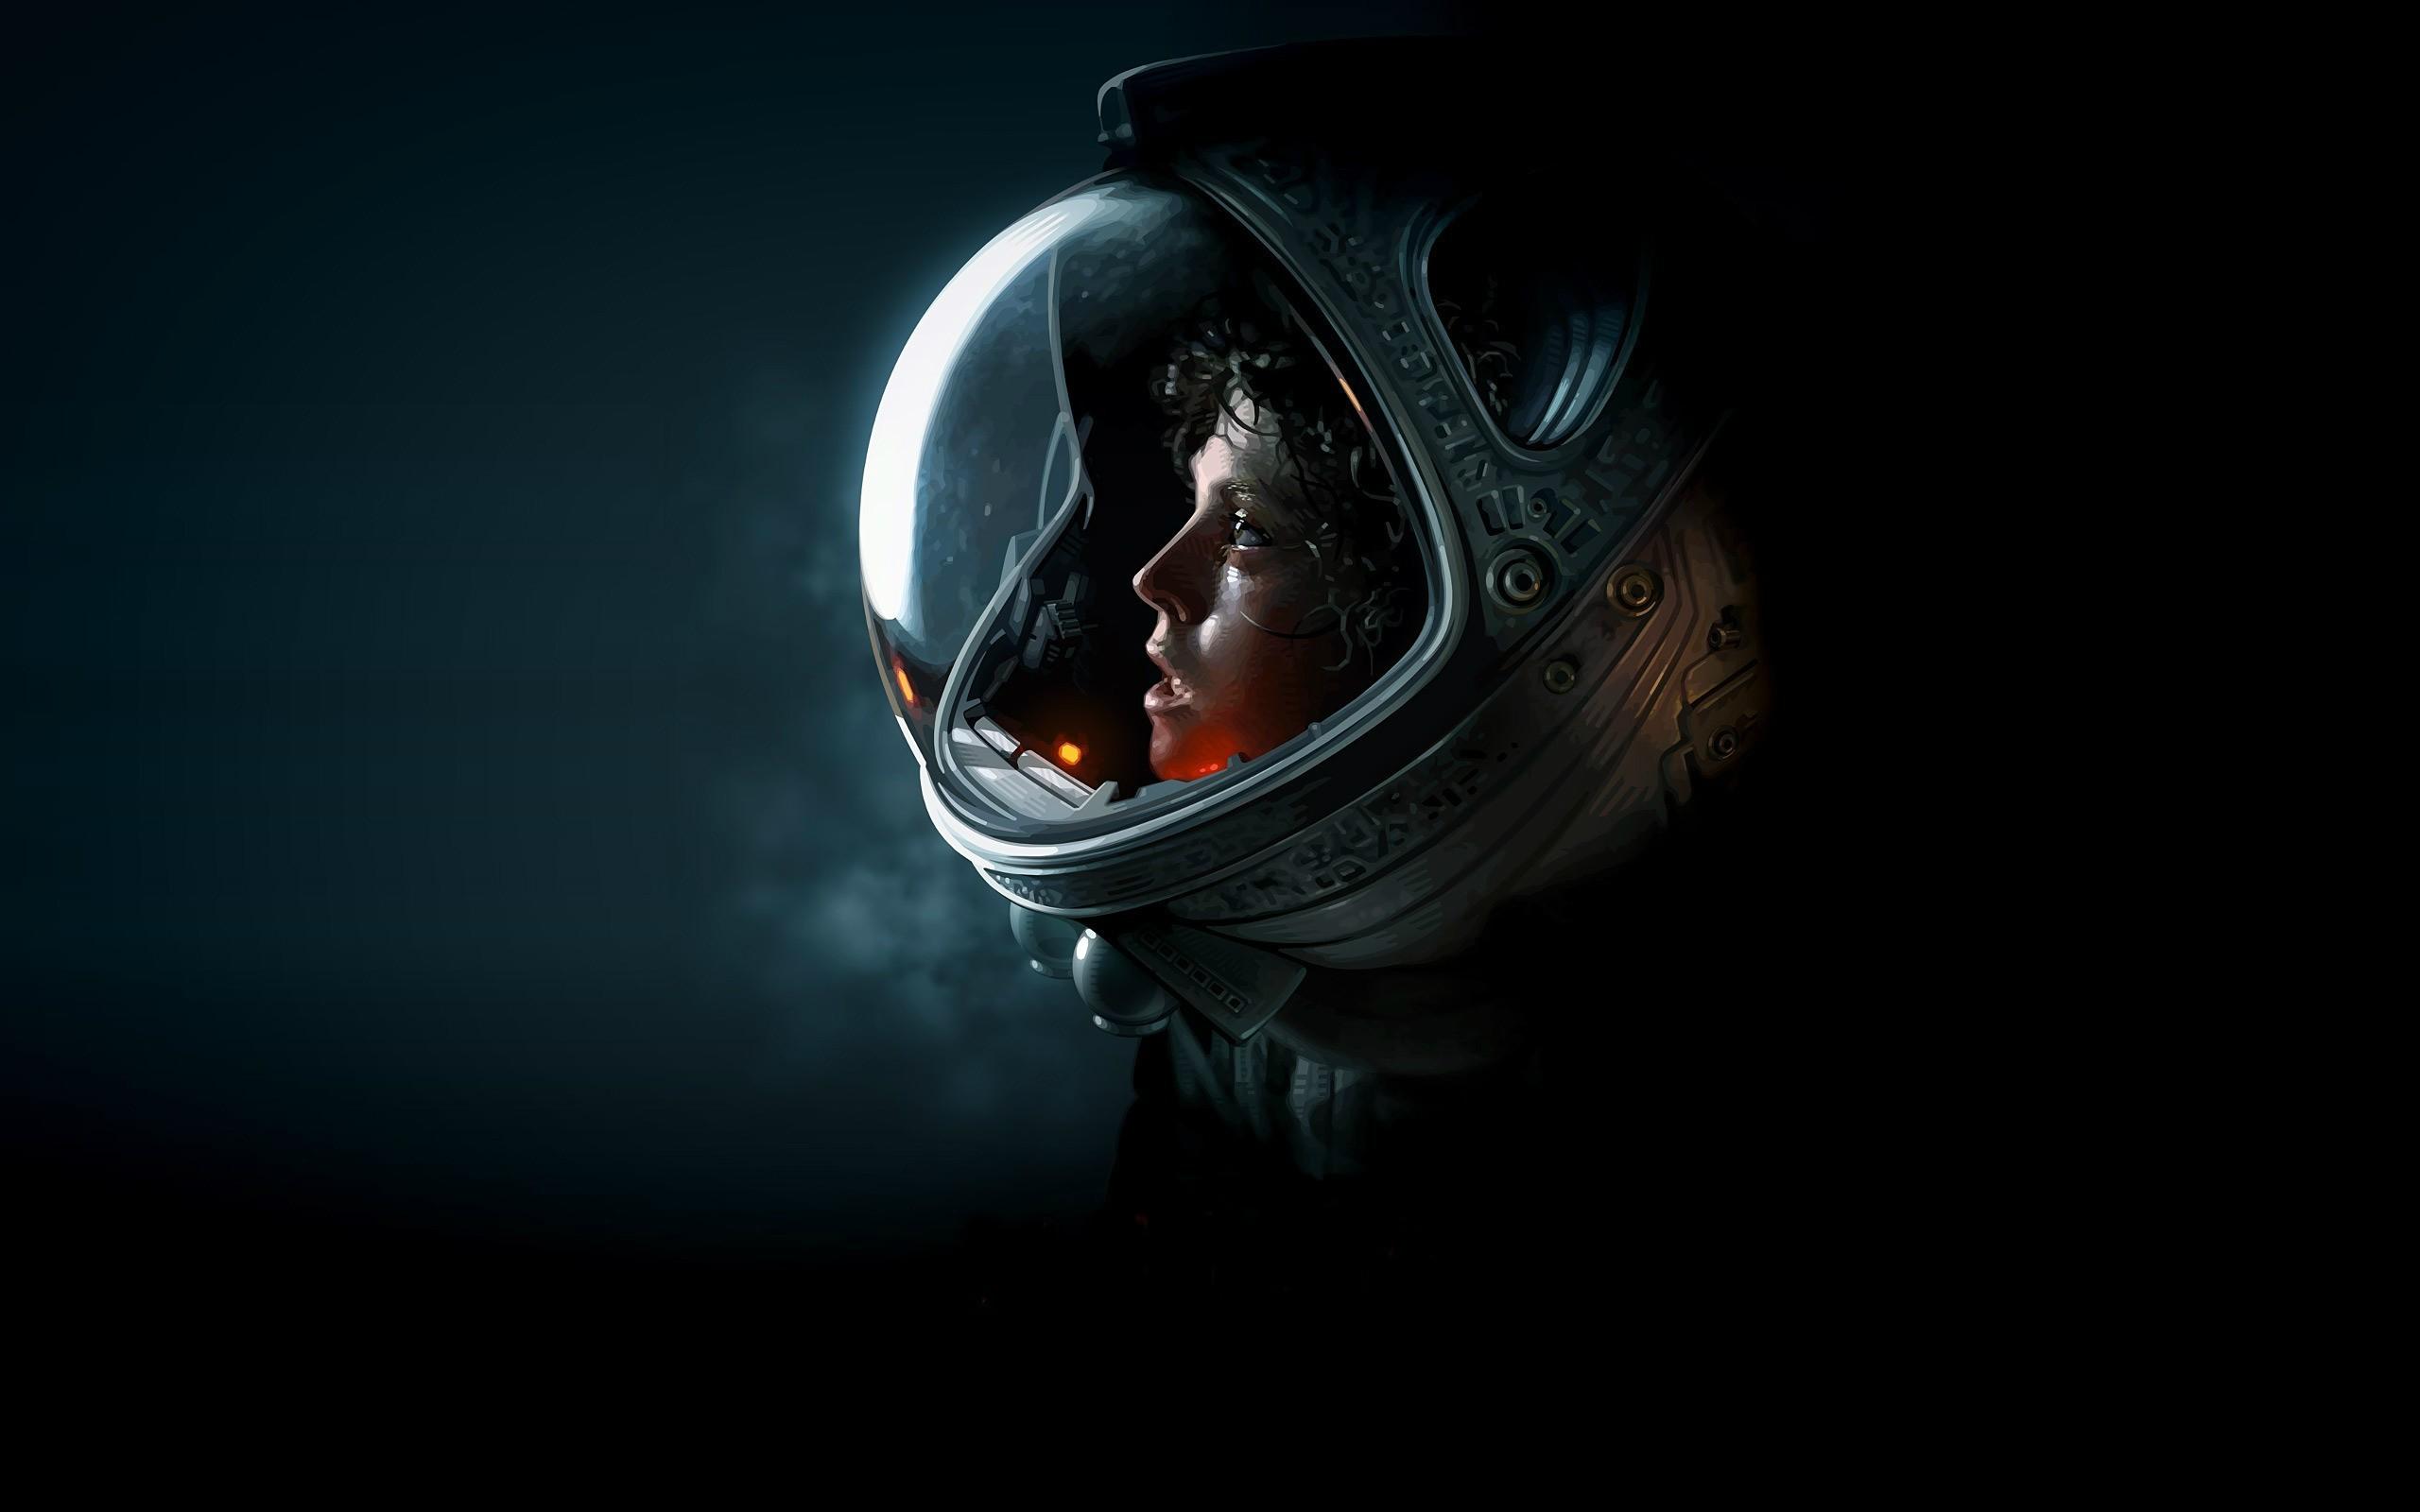 Wallpaper Artwork Science Fiction Alien Movie Space Suit